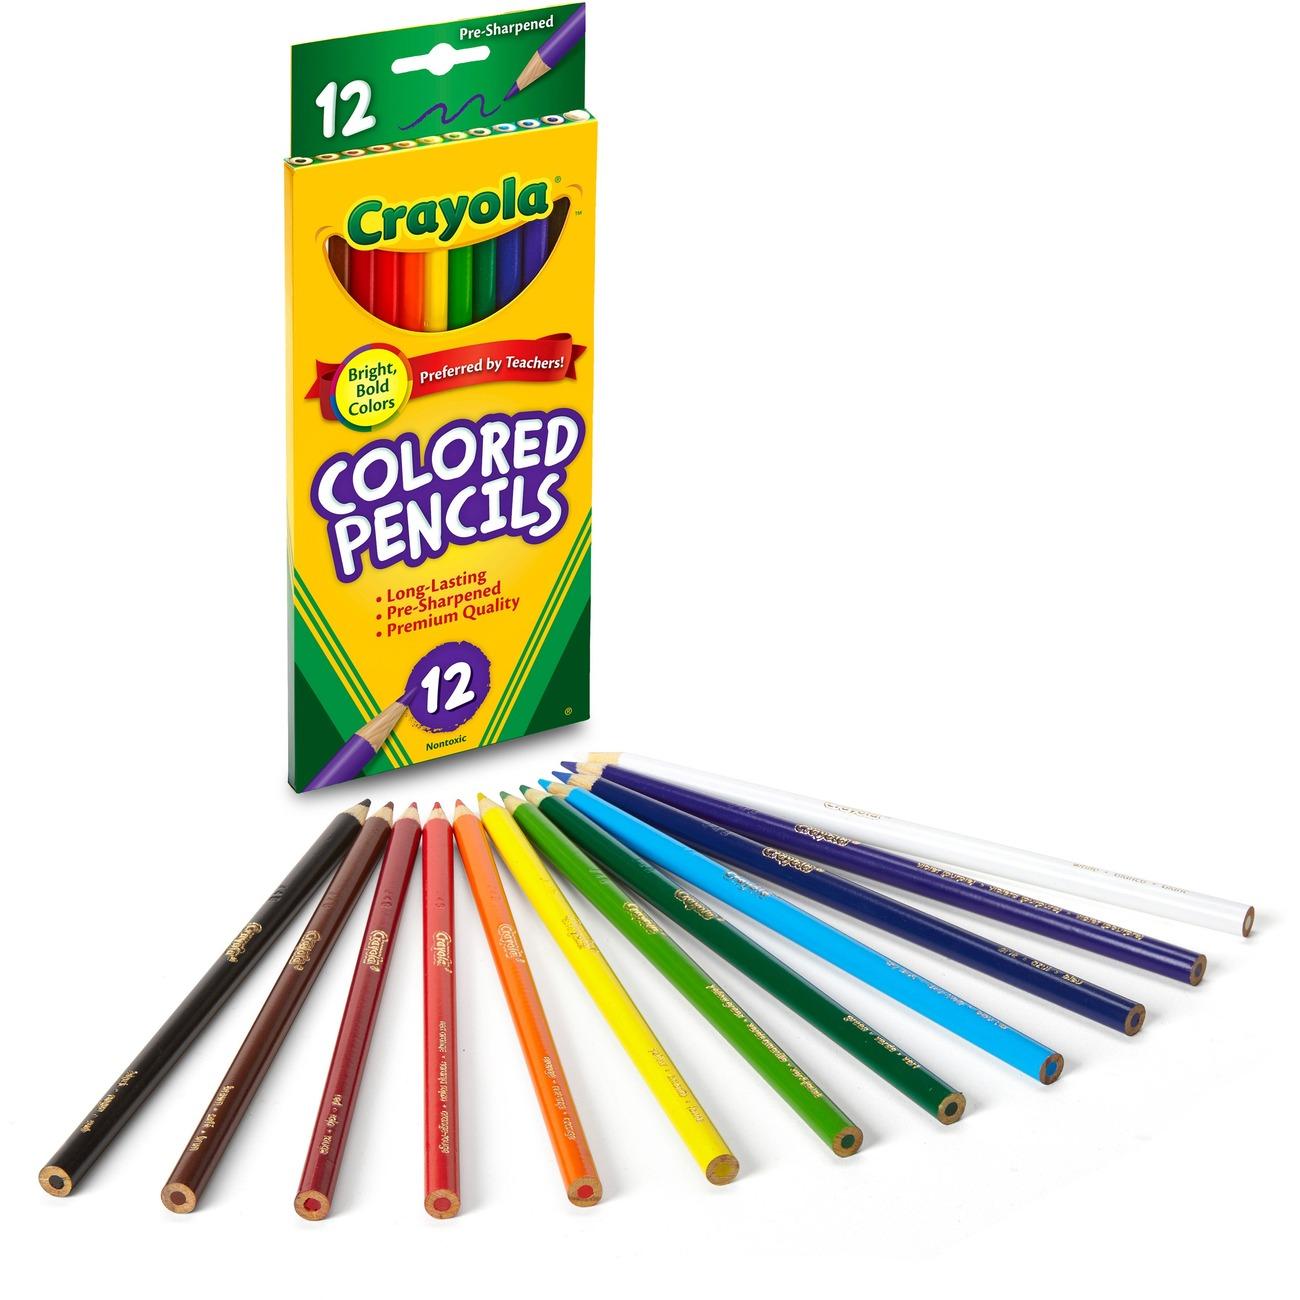 Crayola 68-4012 12-Count Colored Pencils